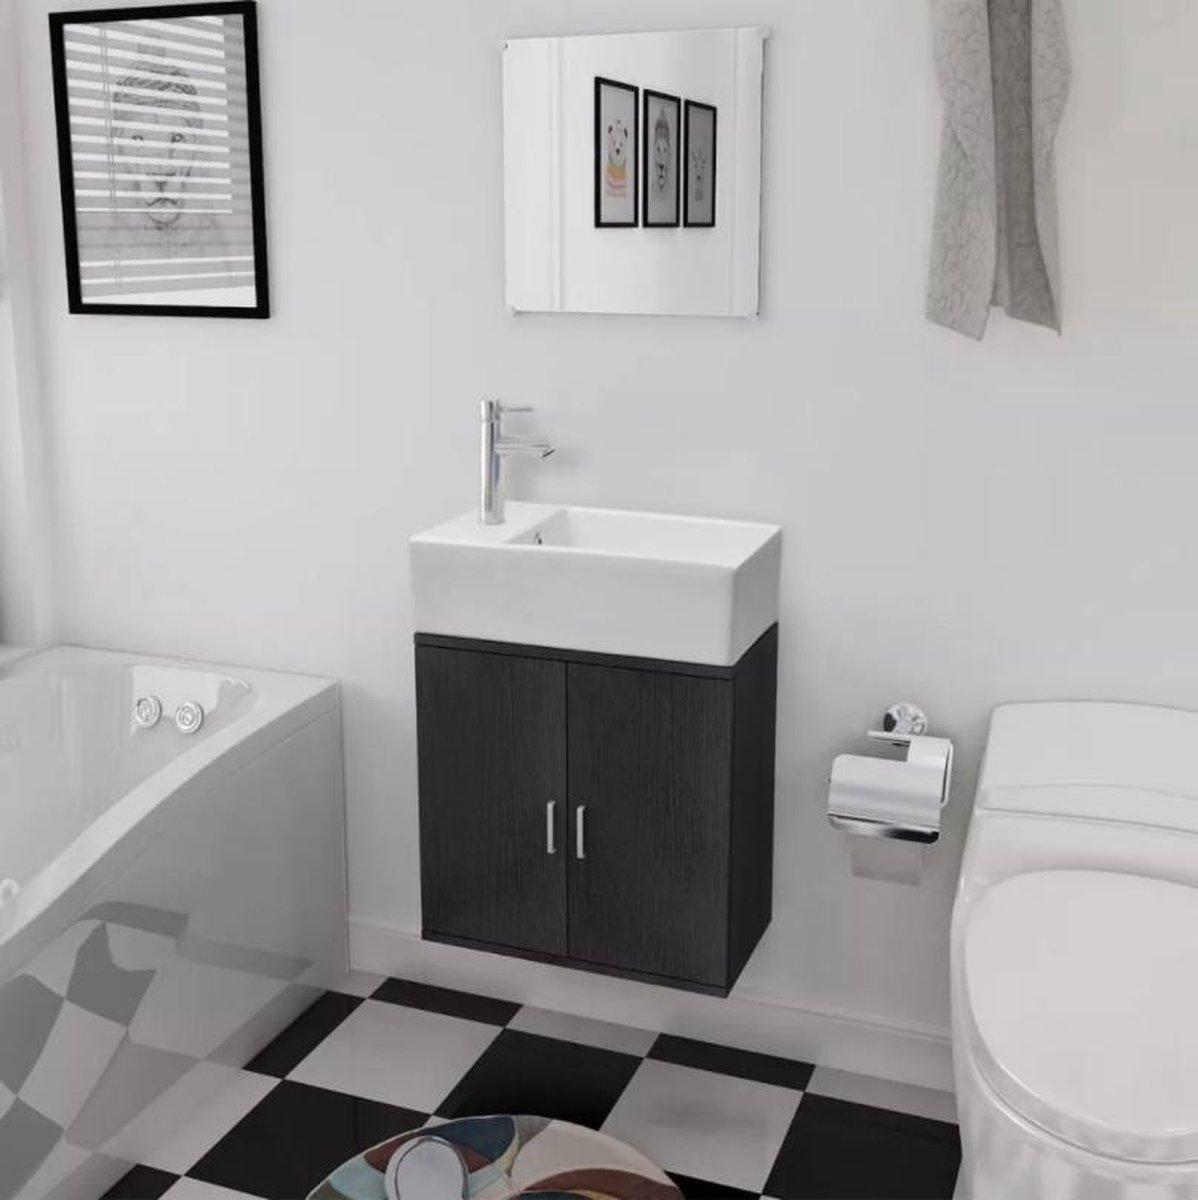 Badkamermeubelset - set - Onderkast - Wasbak - Spiegel - Zwart - Industrieel - L&B Luxurys